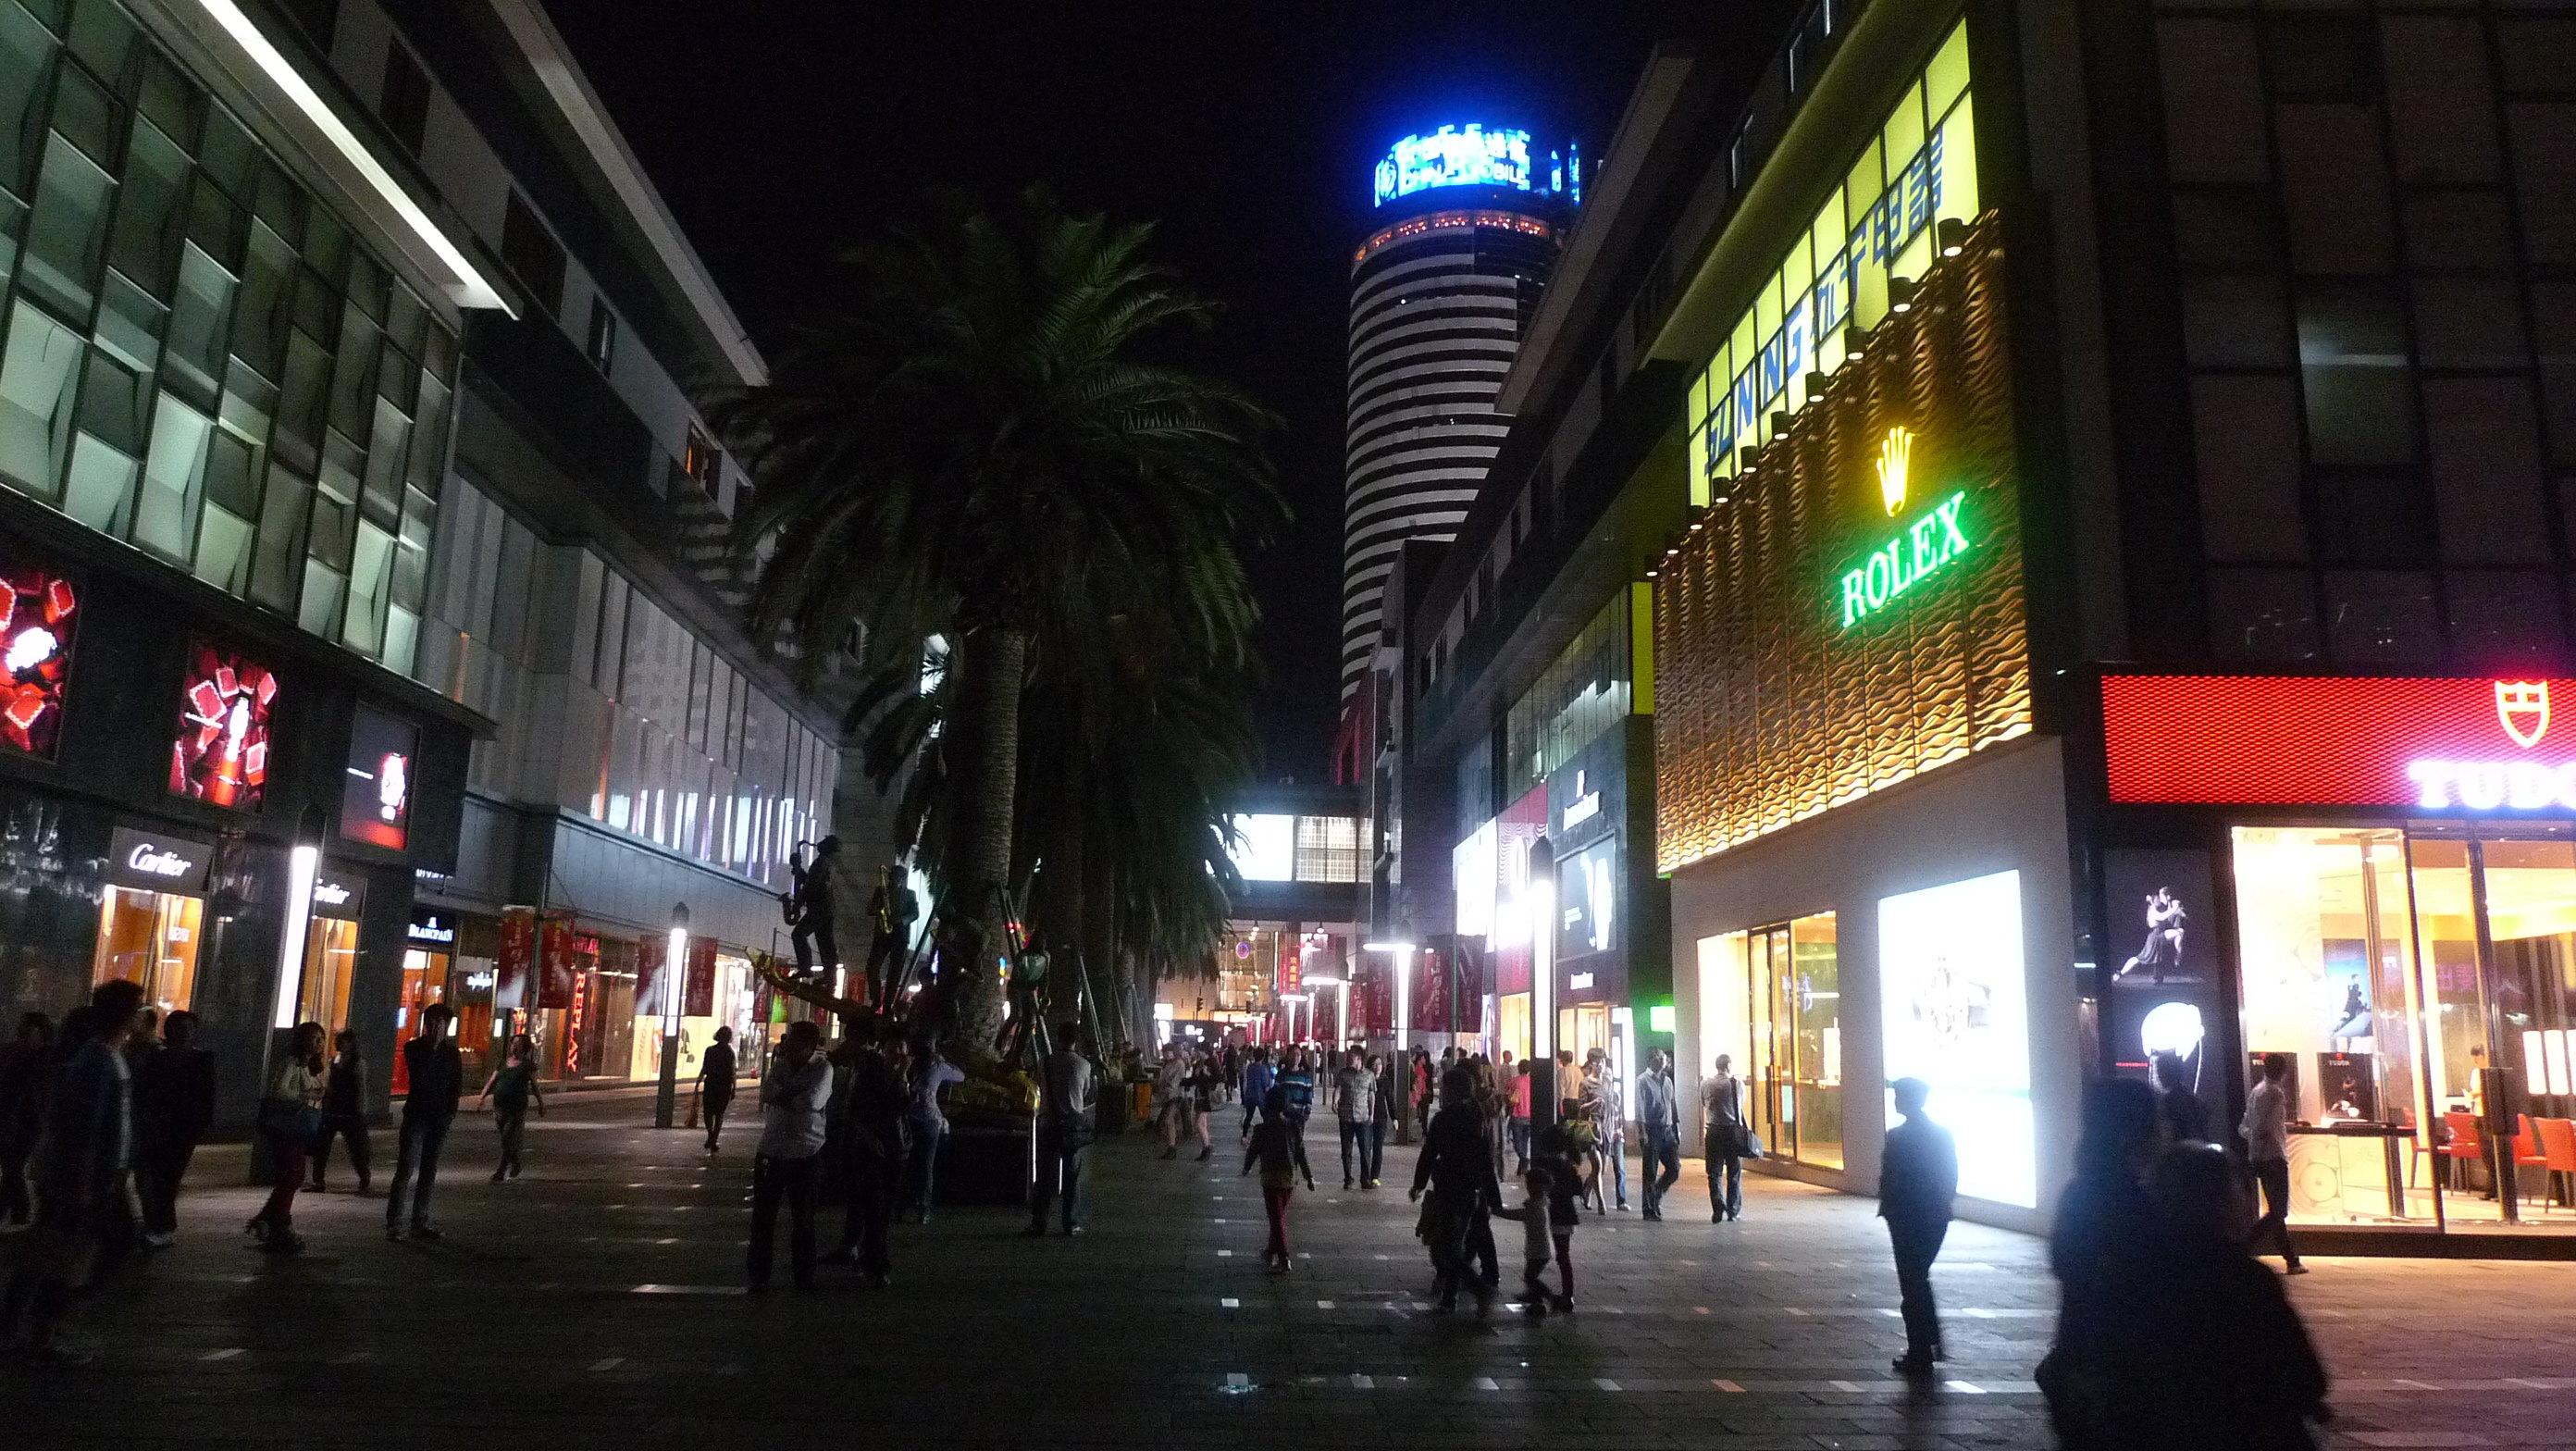 【携程攻略】宁波天一广场适合单独旅行购物吗图片